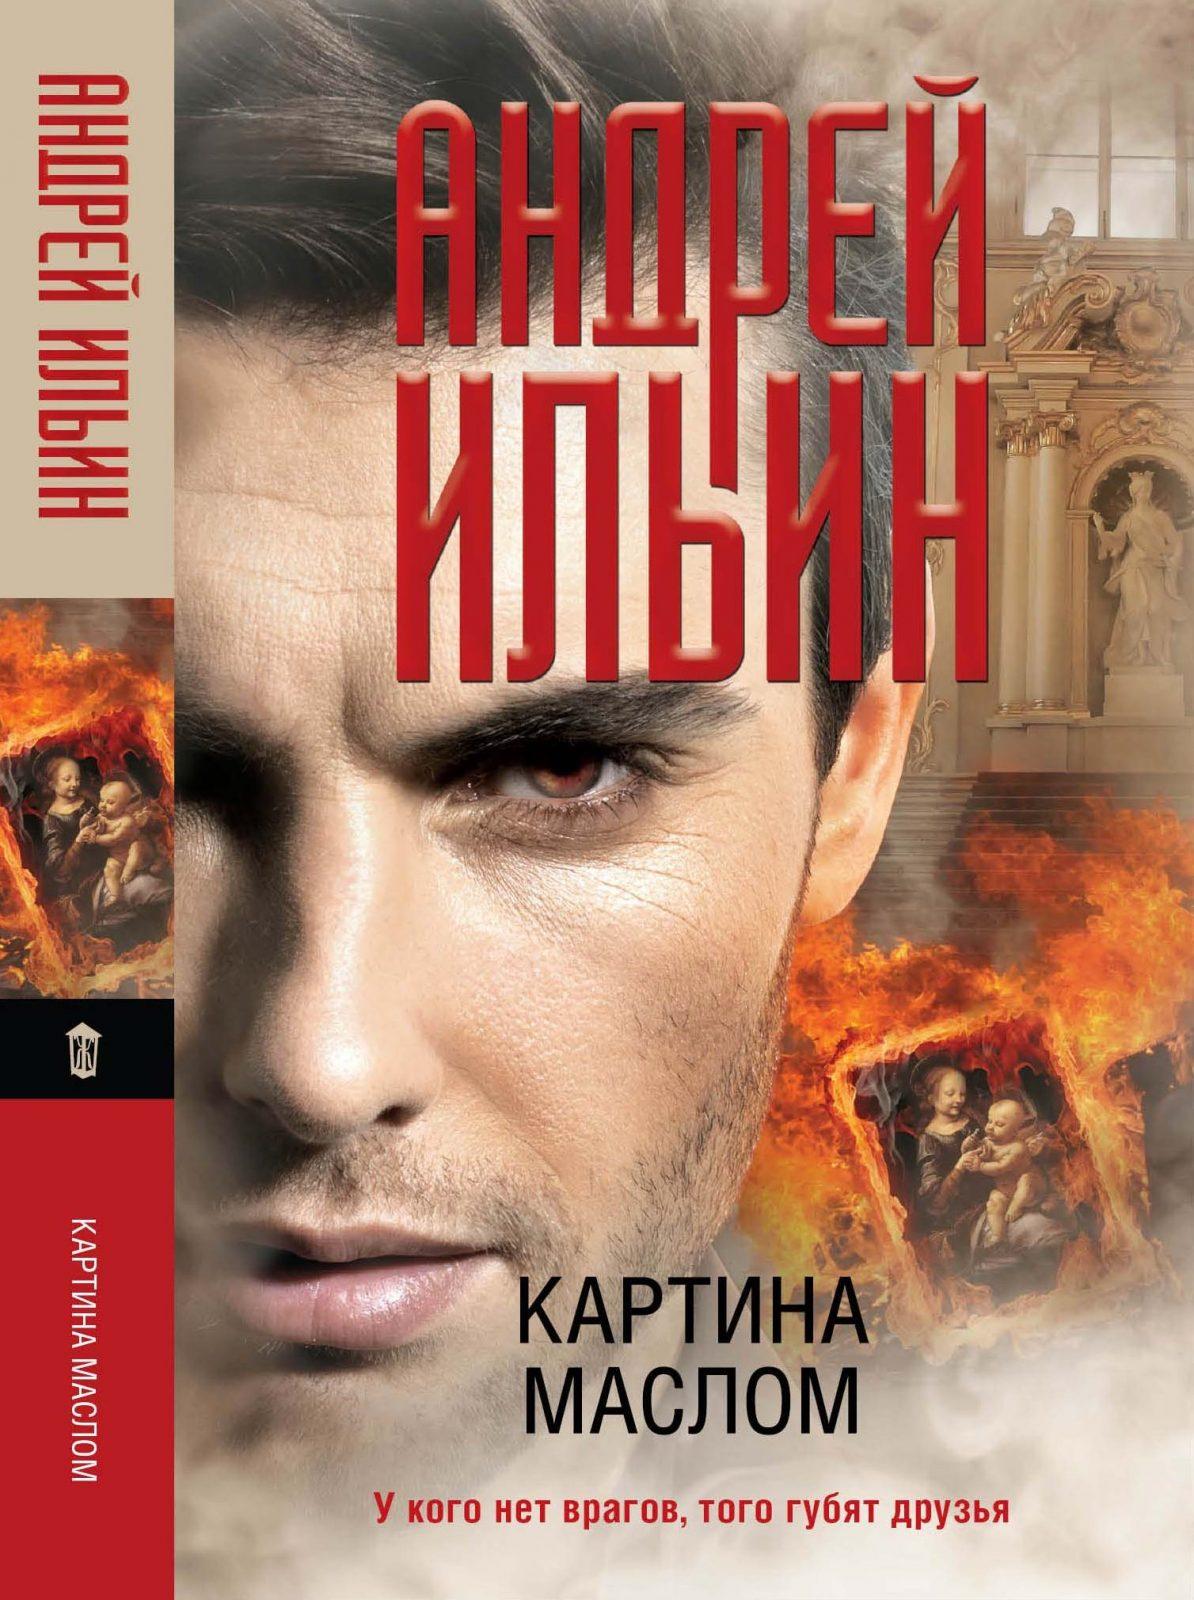 Картина маслом Book Cover